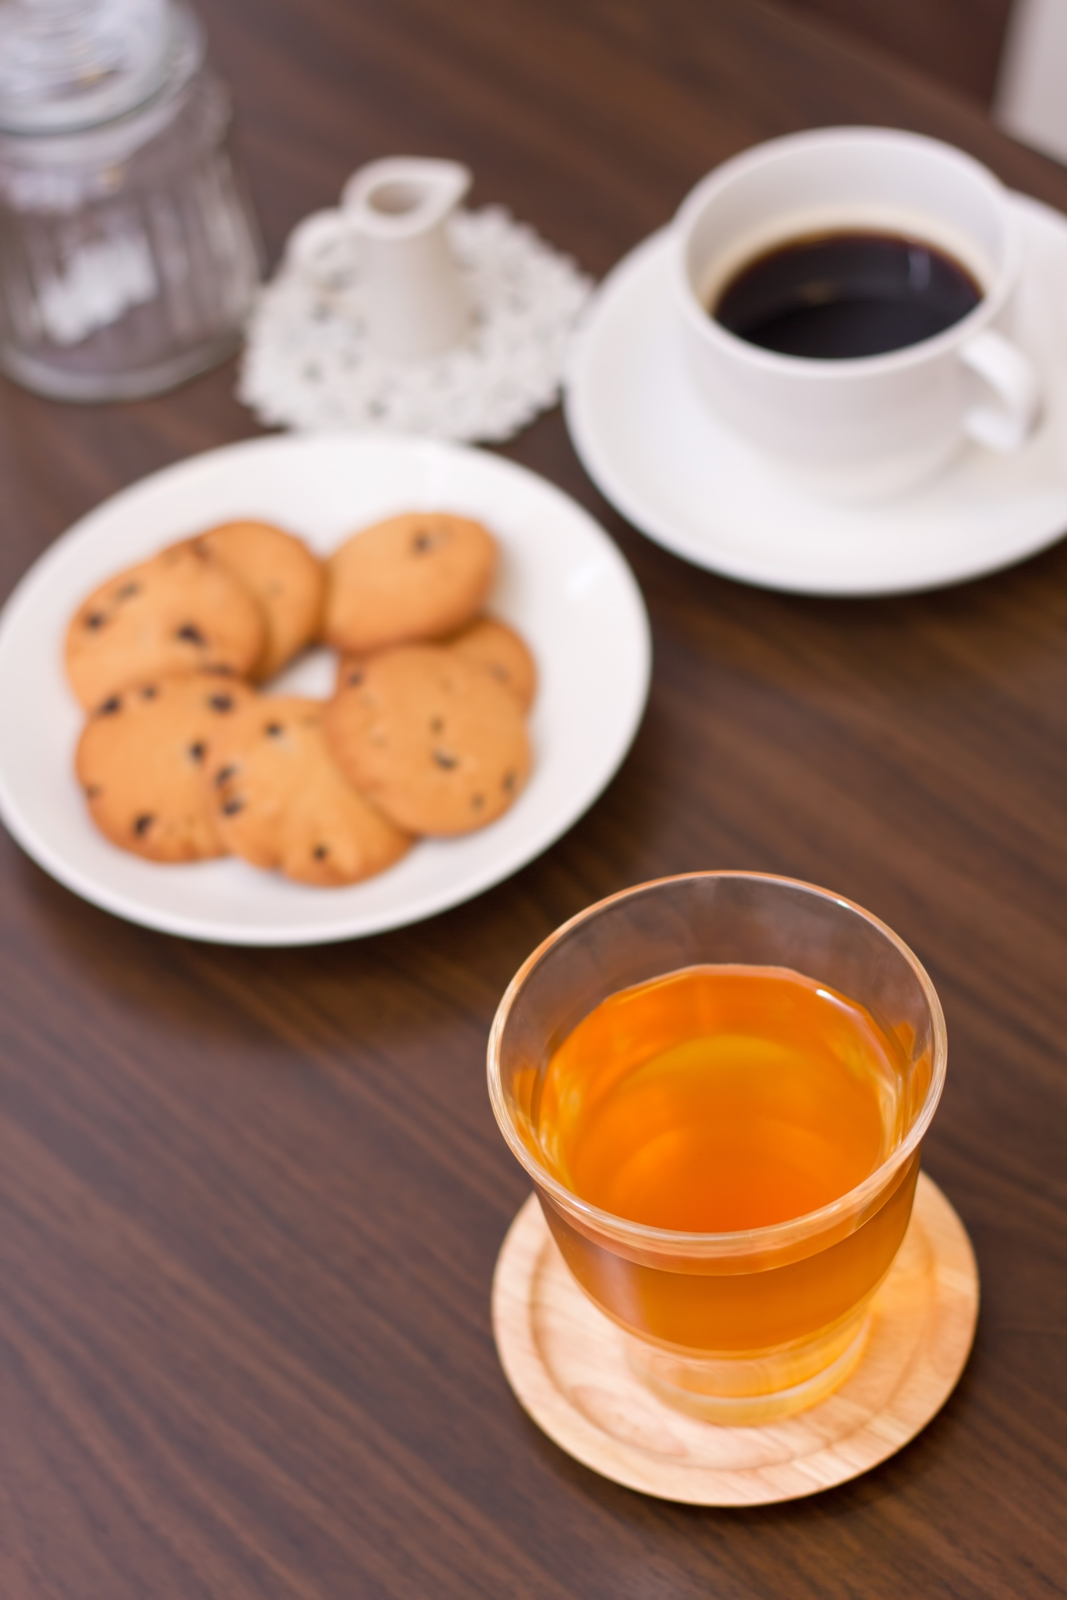 お茶とコーヒーとクッキーお茶とコーヒーとクッキー